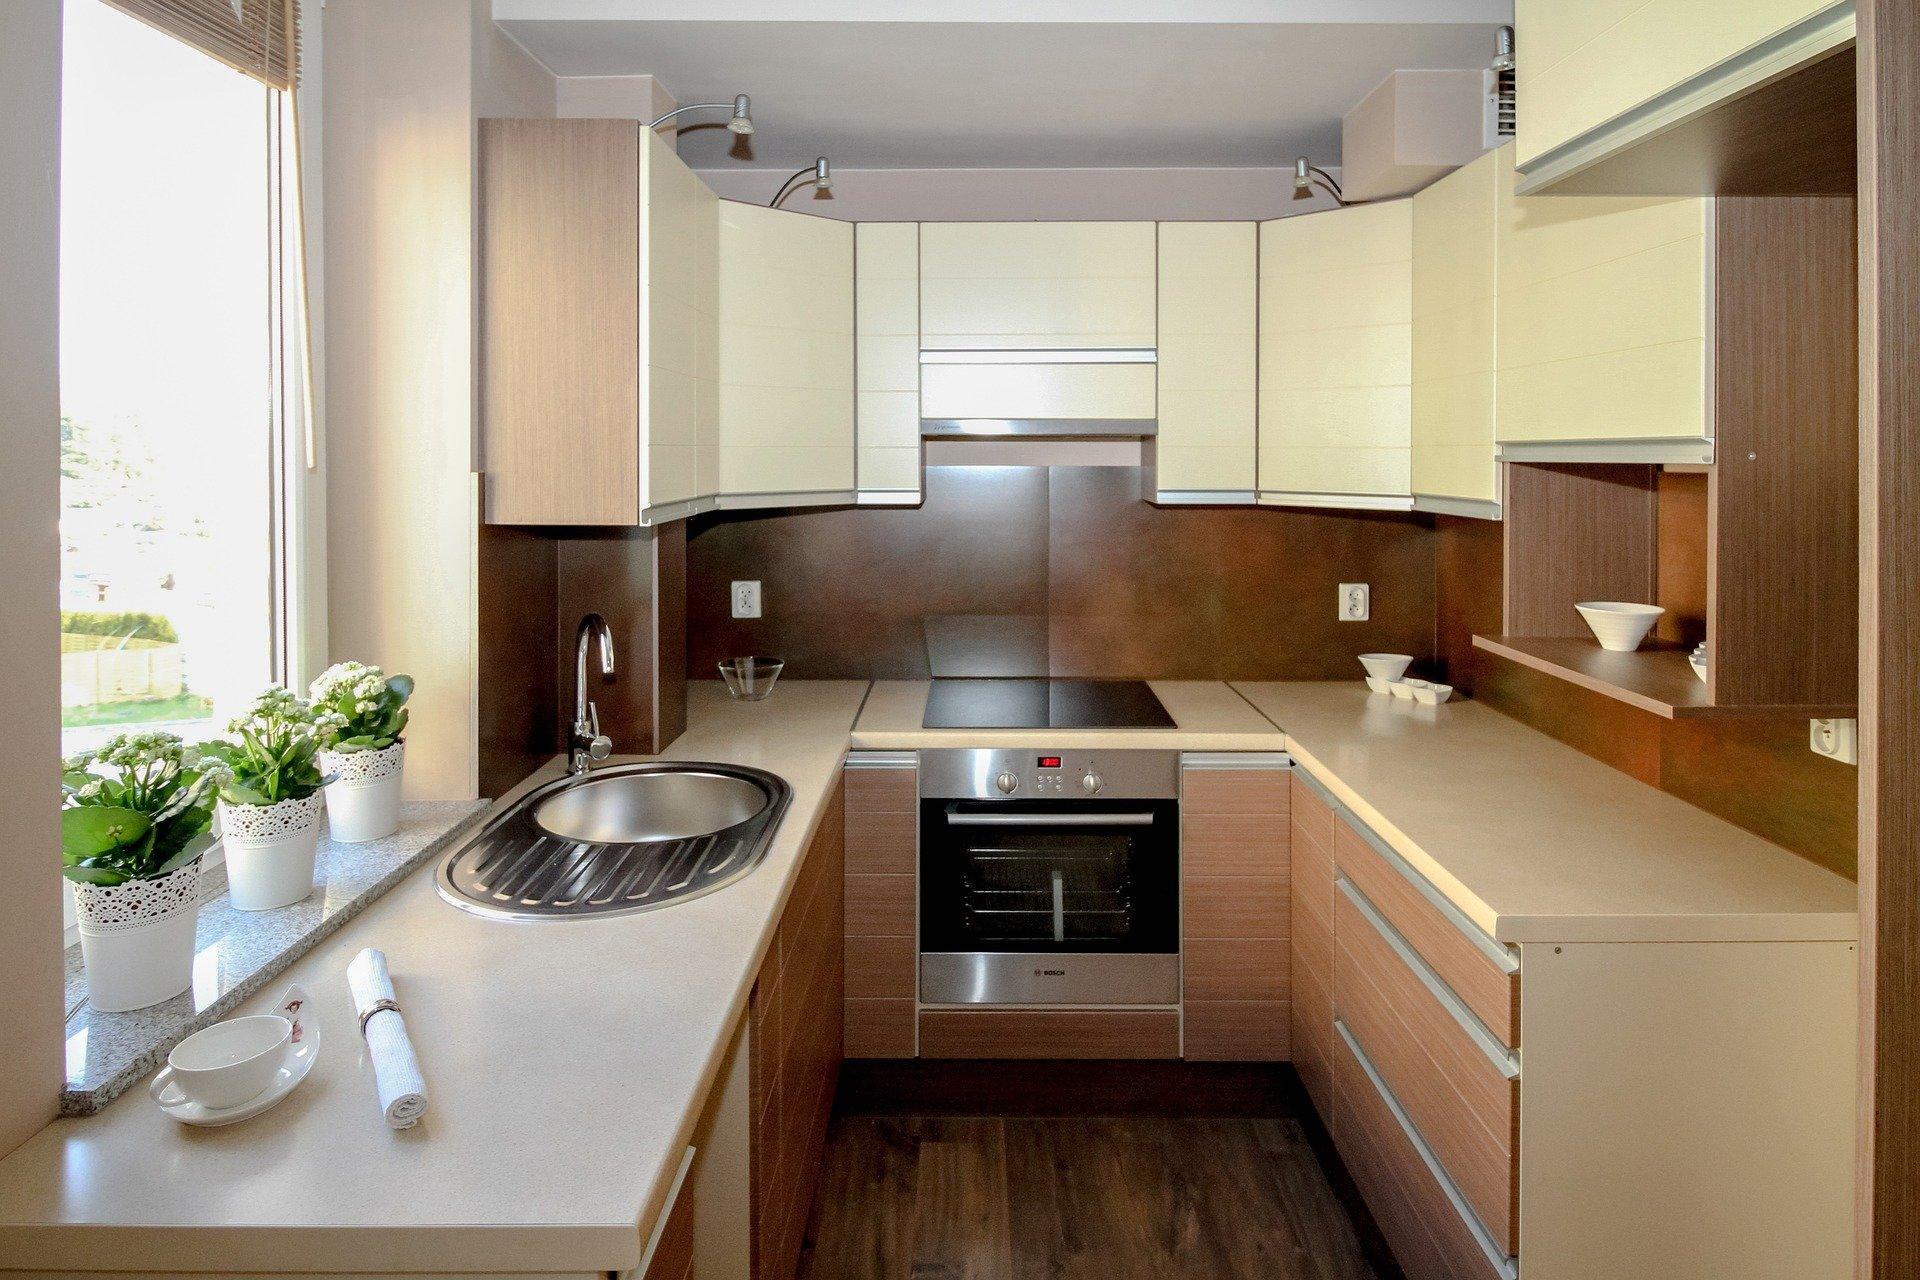 Wybór wykonawcy mebli kuchennych